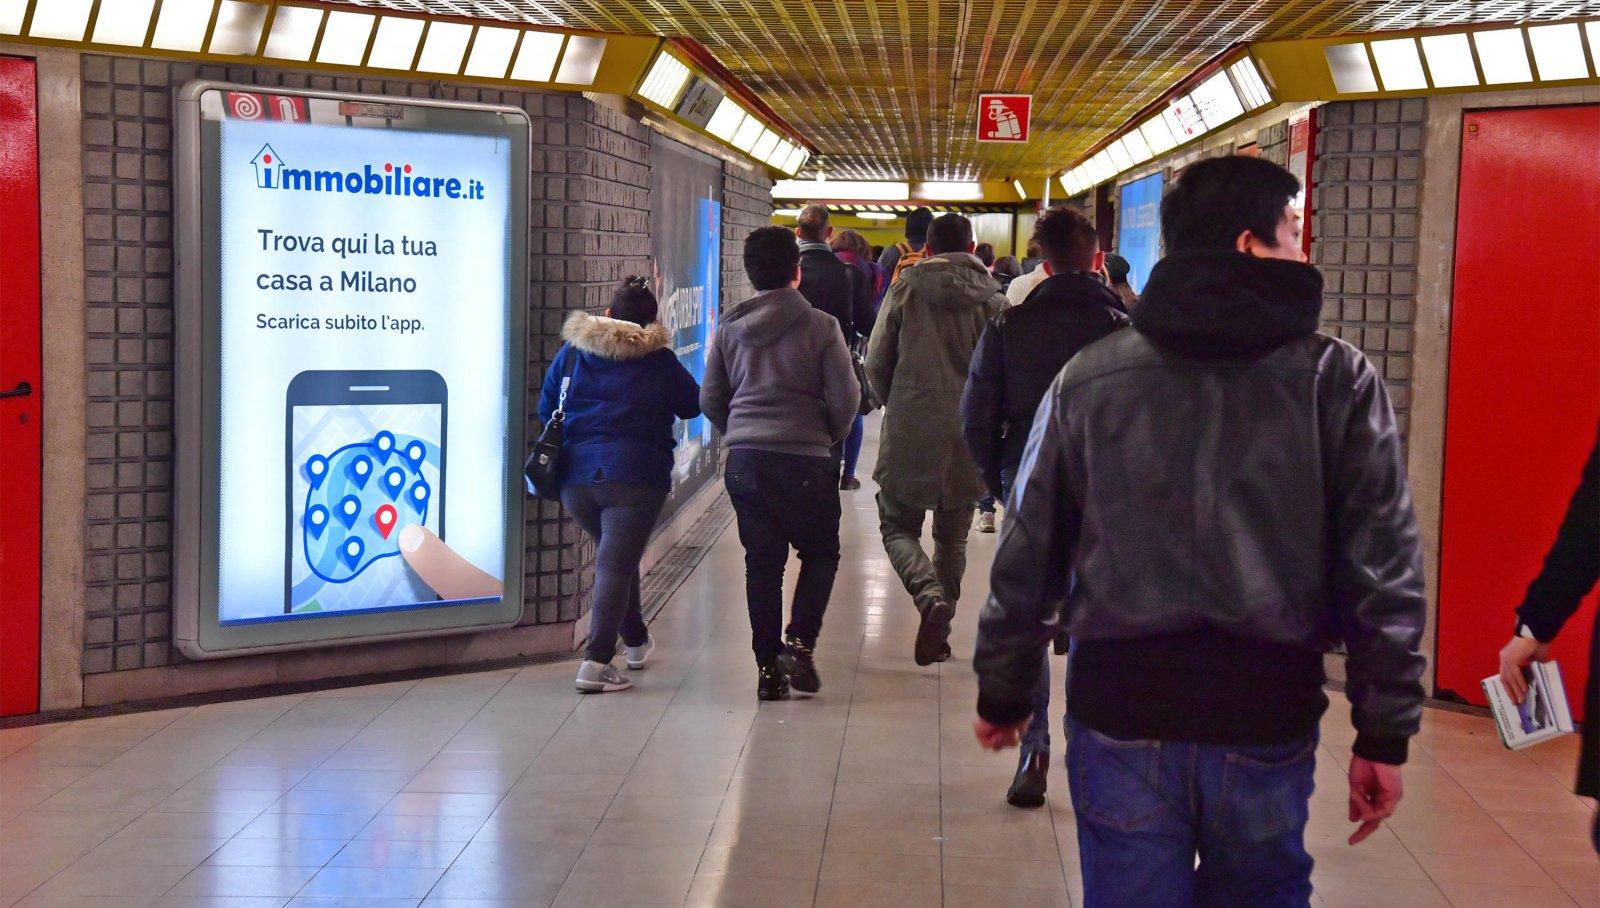 Immobiliare.it MetroMupi Milano @IGPDecaux